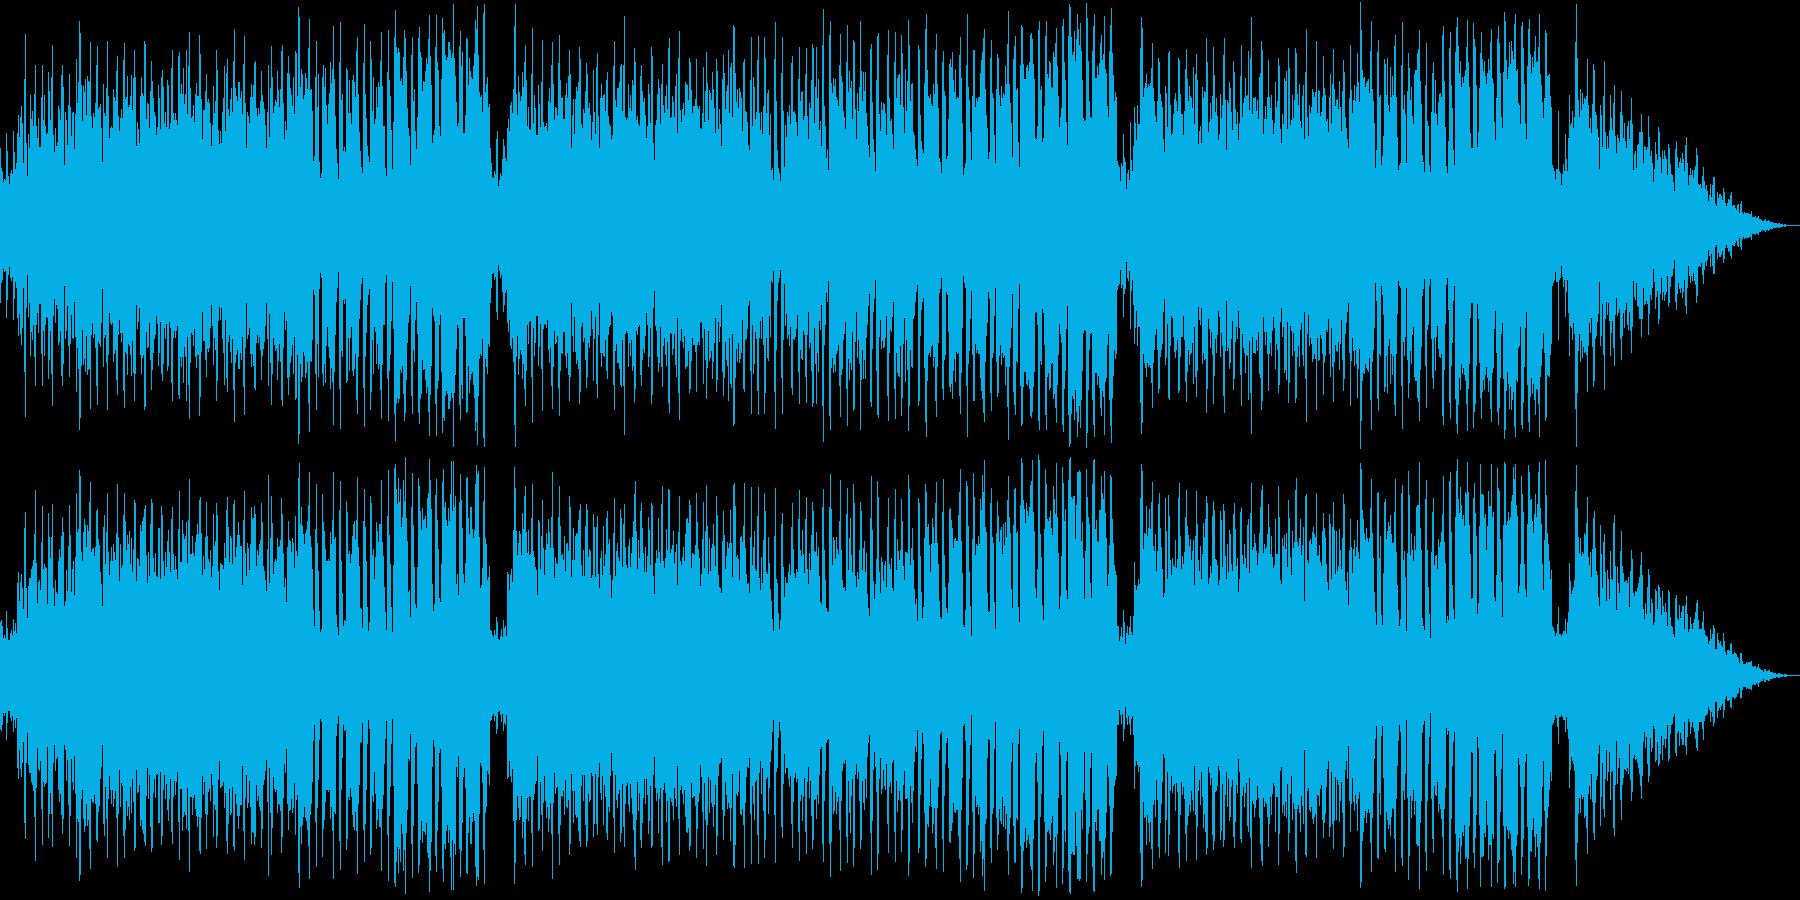 レトロ風な戦闘曲の再生済みの波形